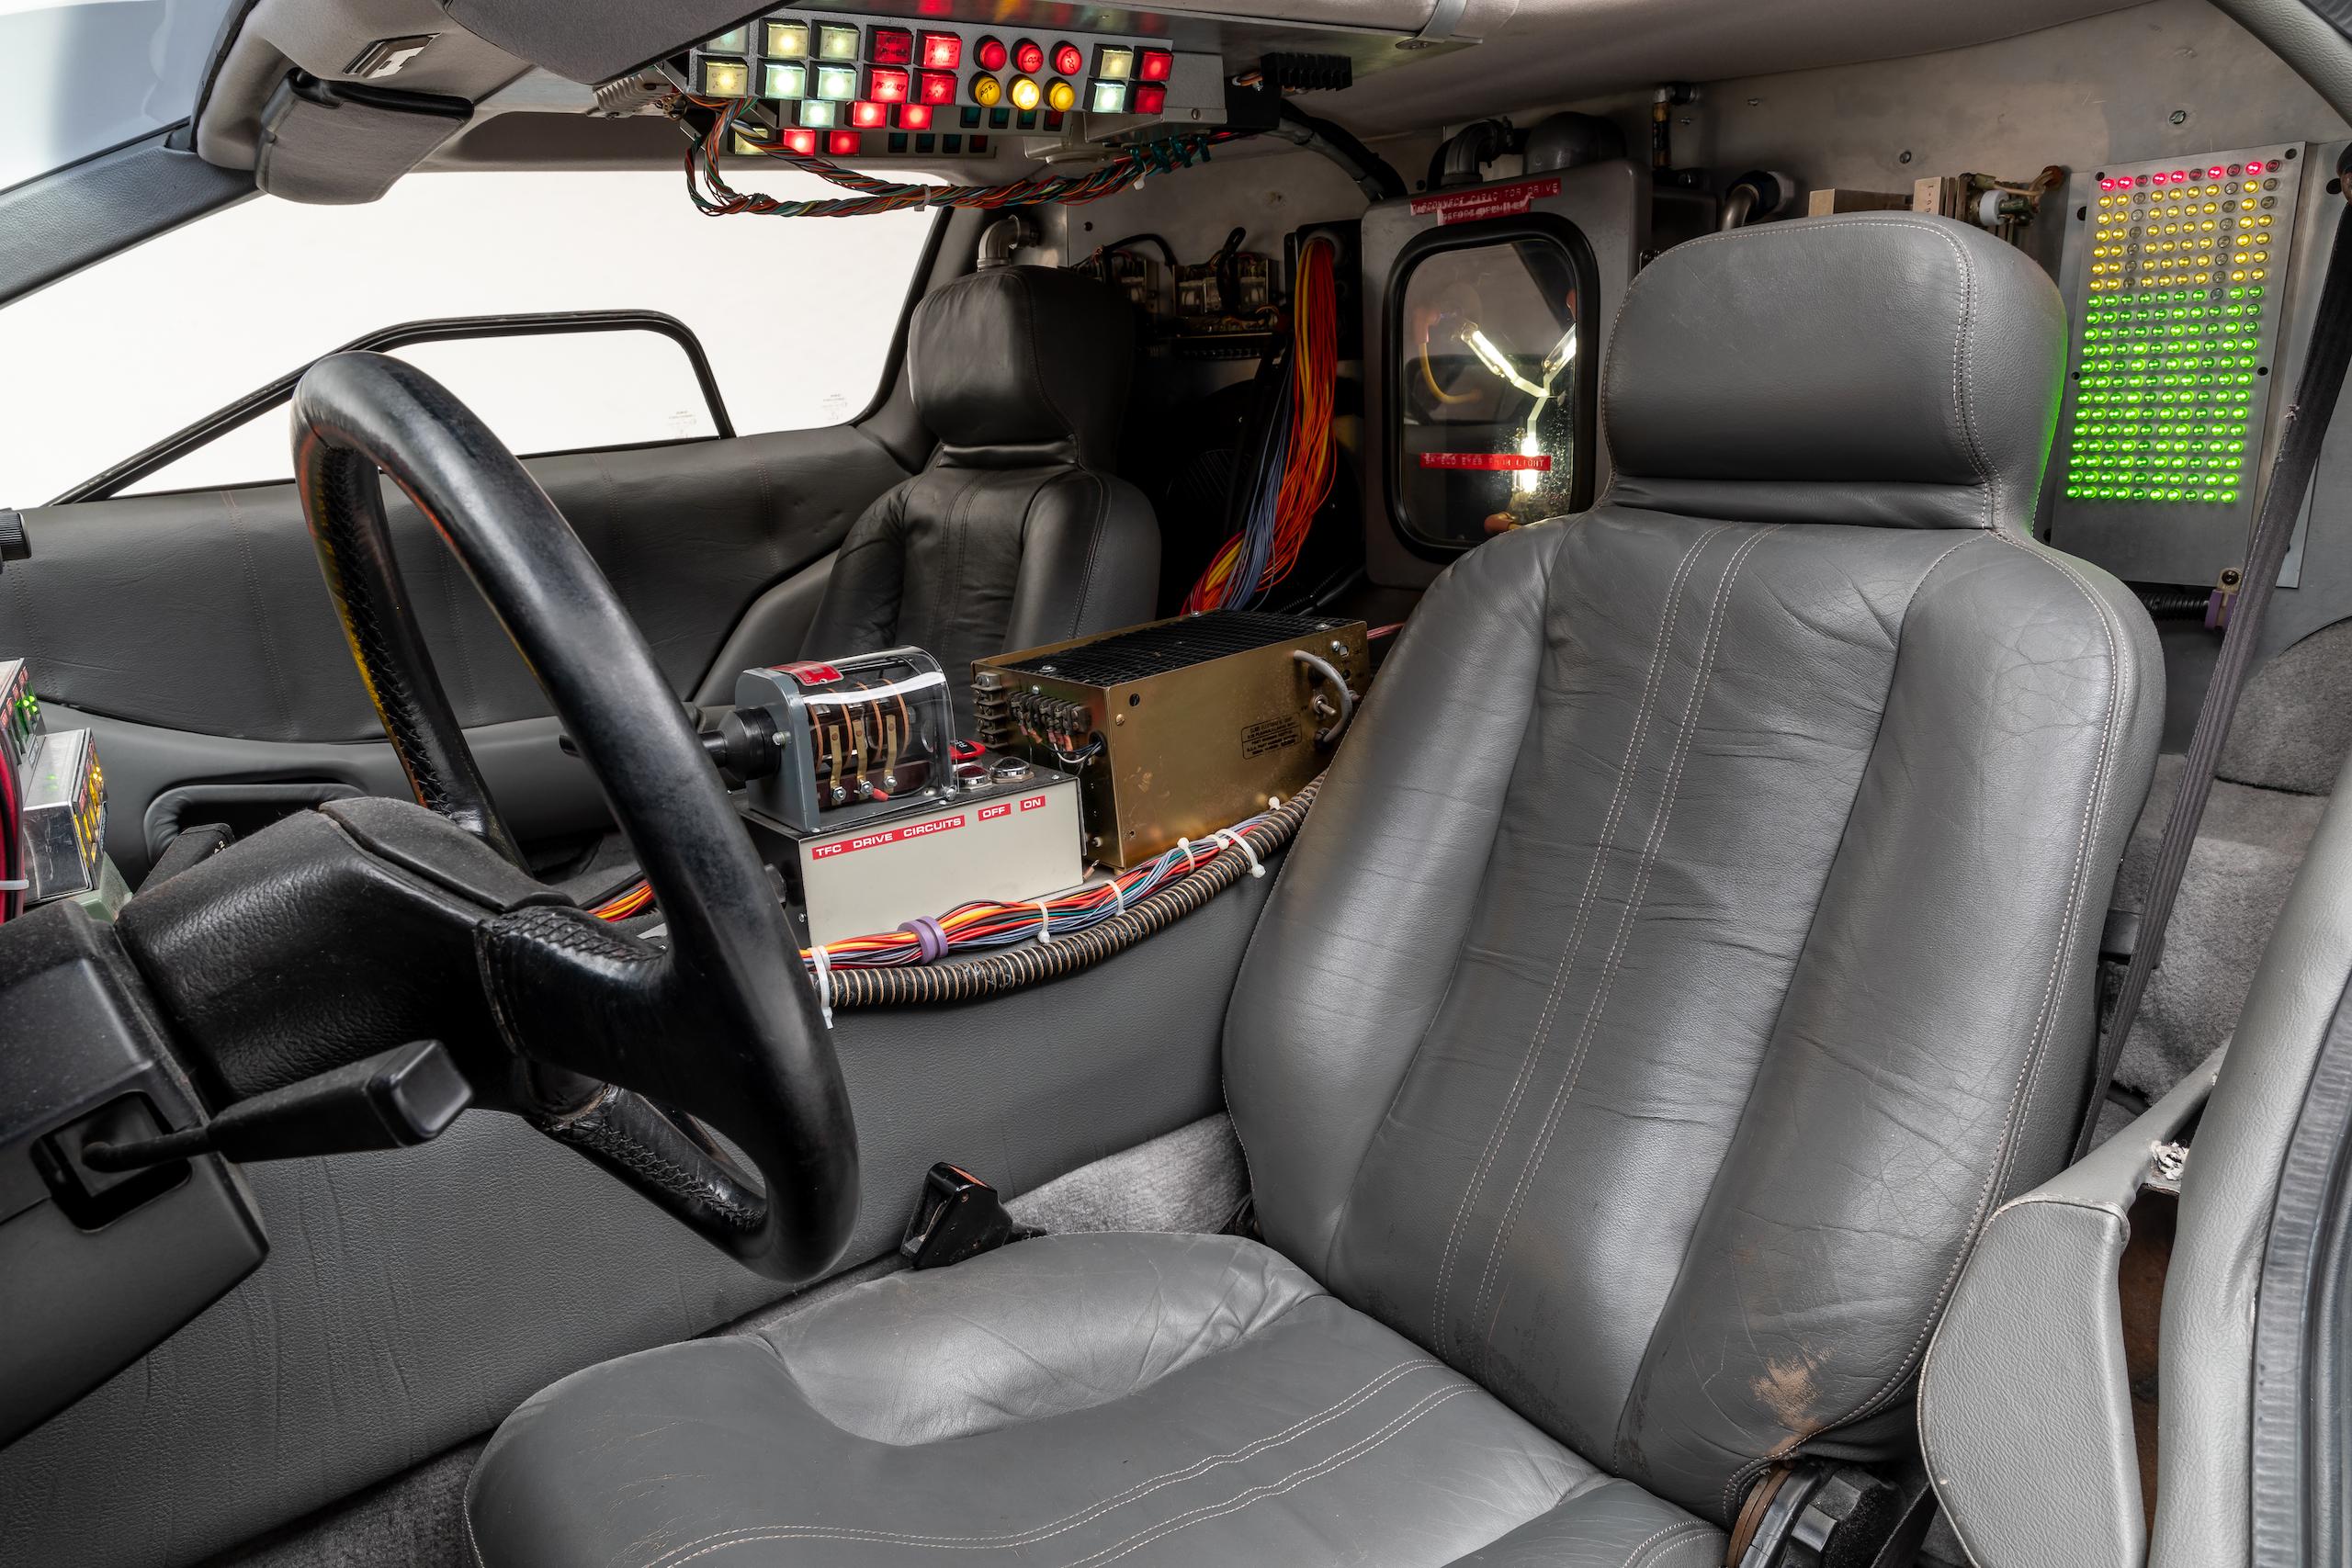 Back to Future DeLorean interior